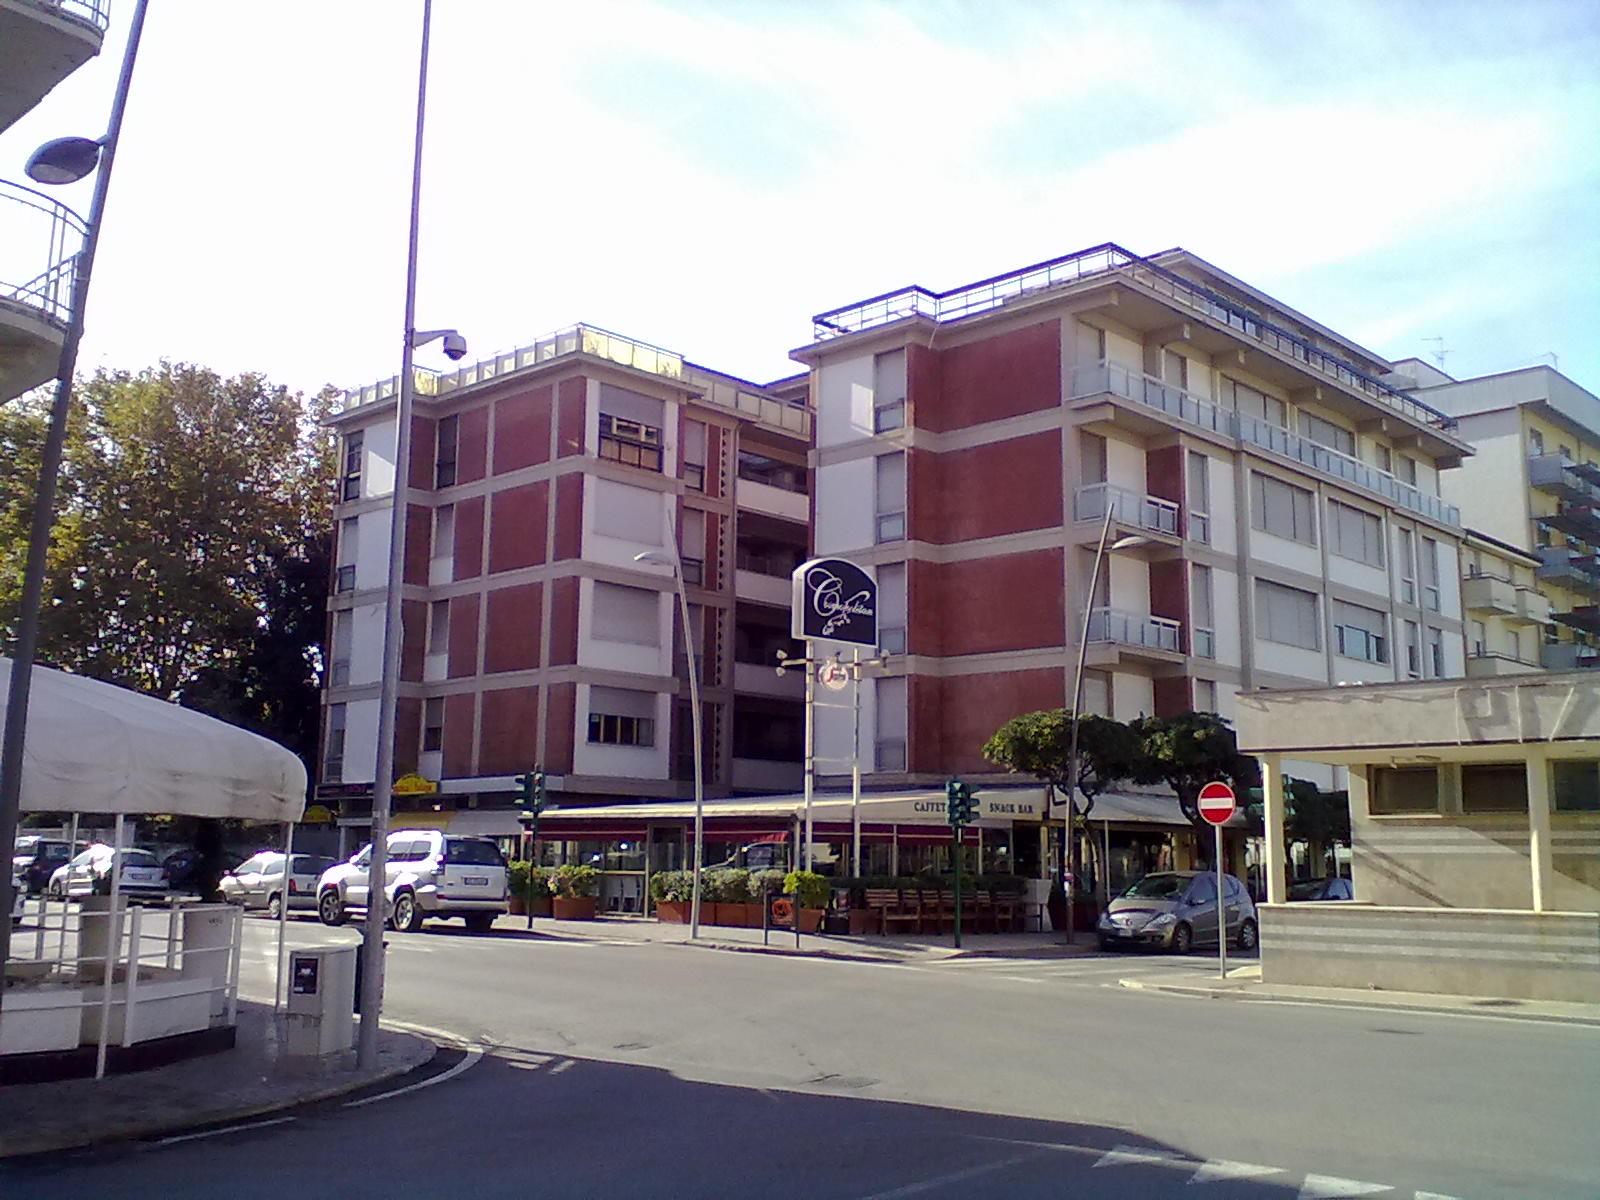 Foto affitto appartamento mare lido di camaiore - Bagno venezia lido di camaiore ...